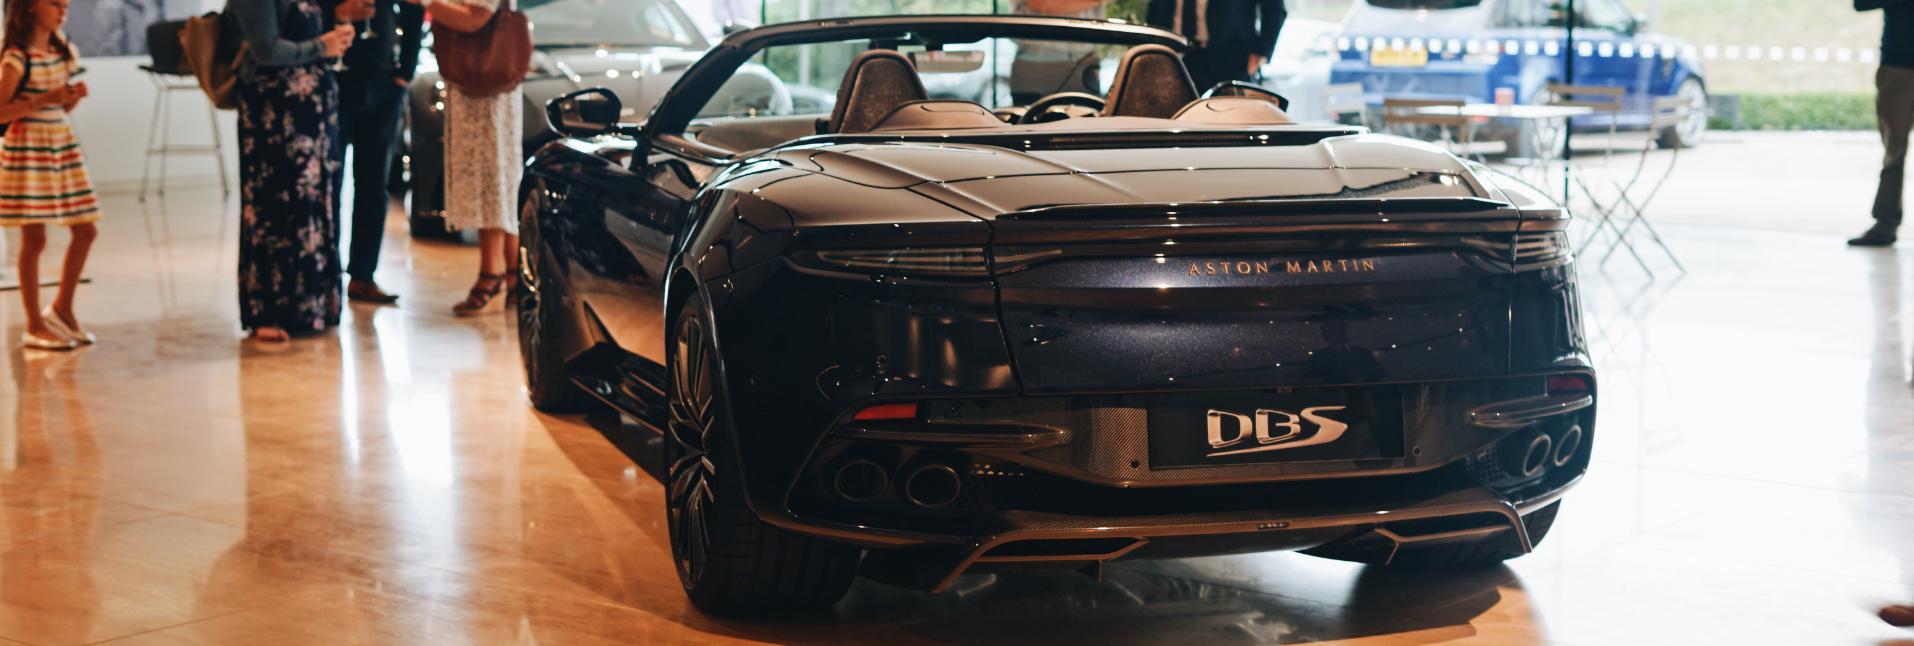 Aston Martin DBS Superleggera Volante Rear2